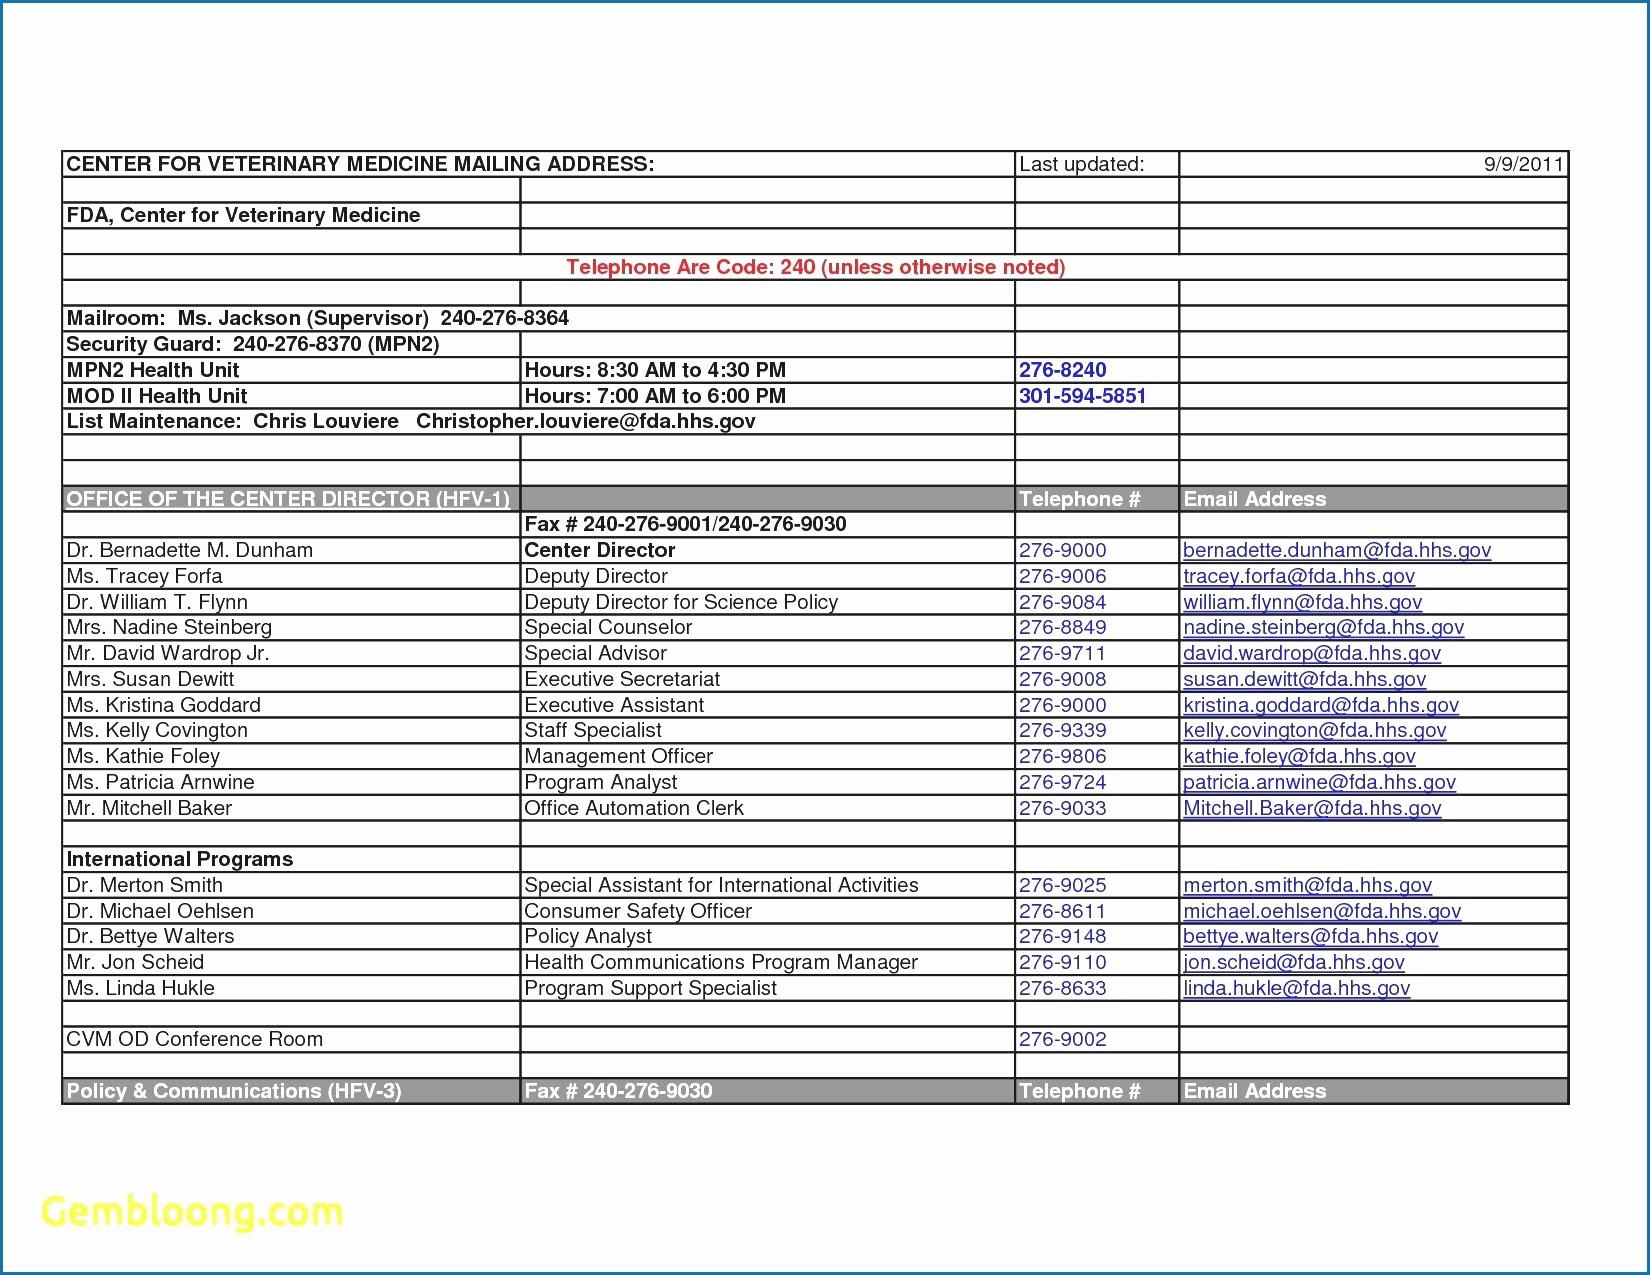 Urlaubsplaner 2017 Kostenlos Ausdrucken Frisch 11 Urlaubsplaner Excel Vorlage Kostenlos Urlaubsplaner 2017 Kostenlos Ausdrucken Schön Kalender